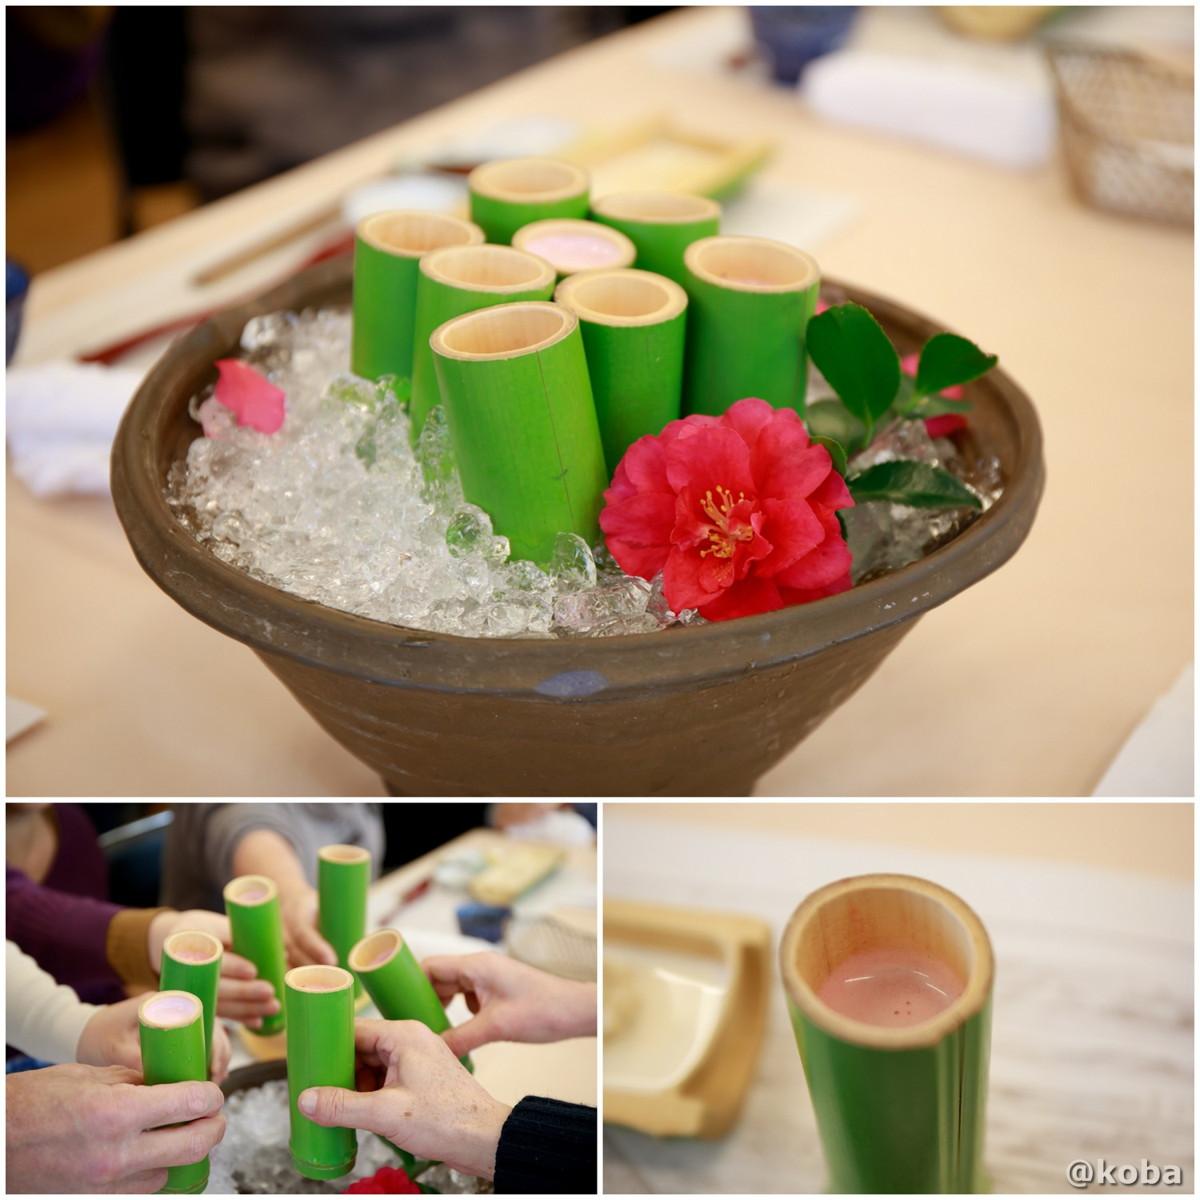 食前 苺と豆乳ジュースの写真|宇豆基野(うずきの)本店 湯葉懐石ランチ 豆腐料理店|東京都足立区・北千住|こばブログ